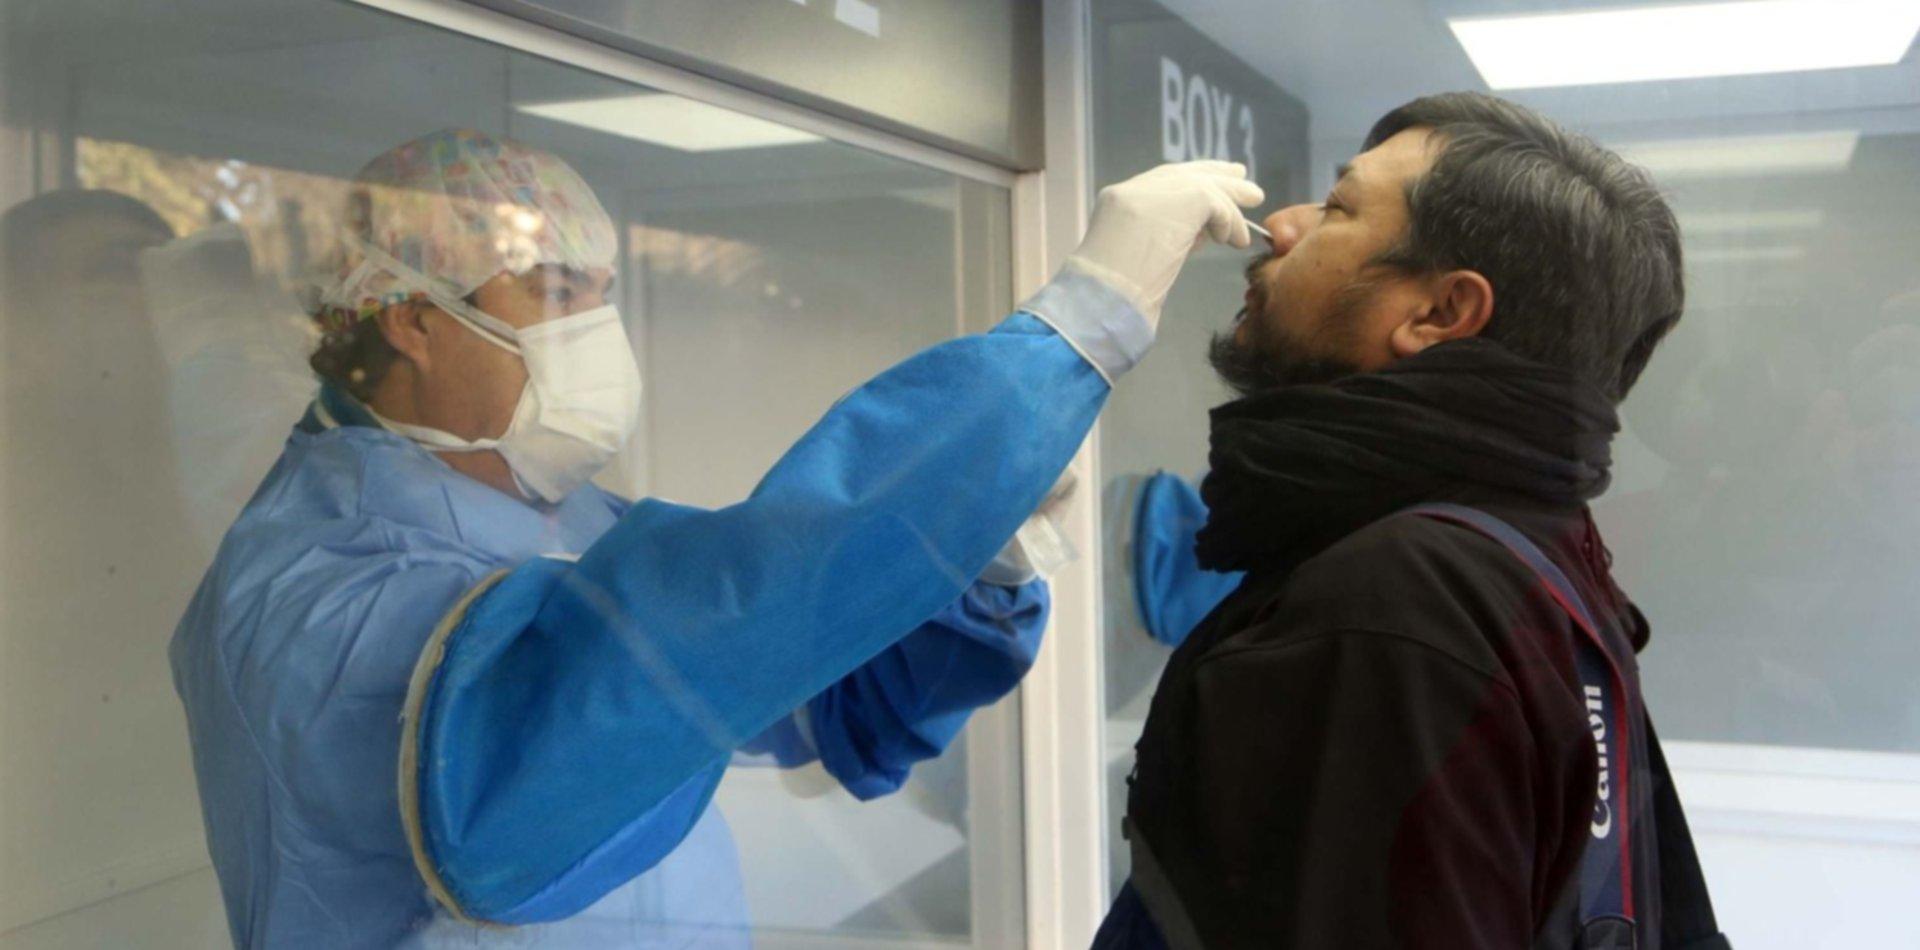 Siguen subiendo los contagios de coronavirus: suman 2.845 casos nuevos en Argentina